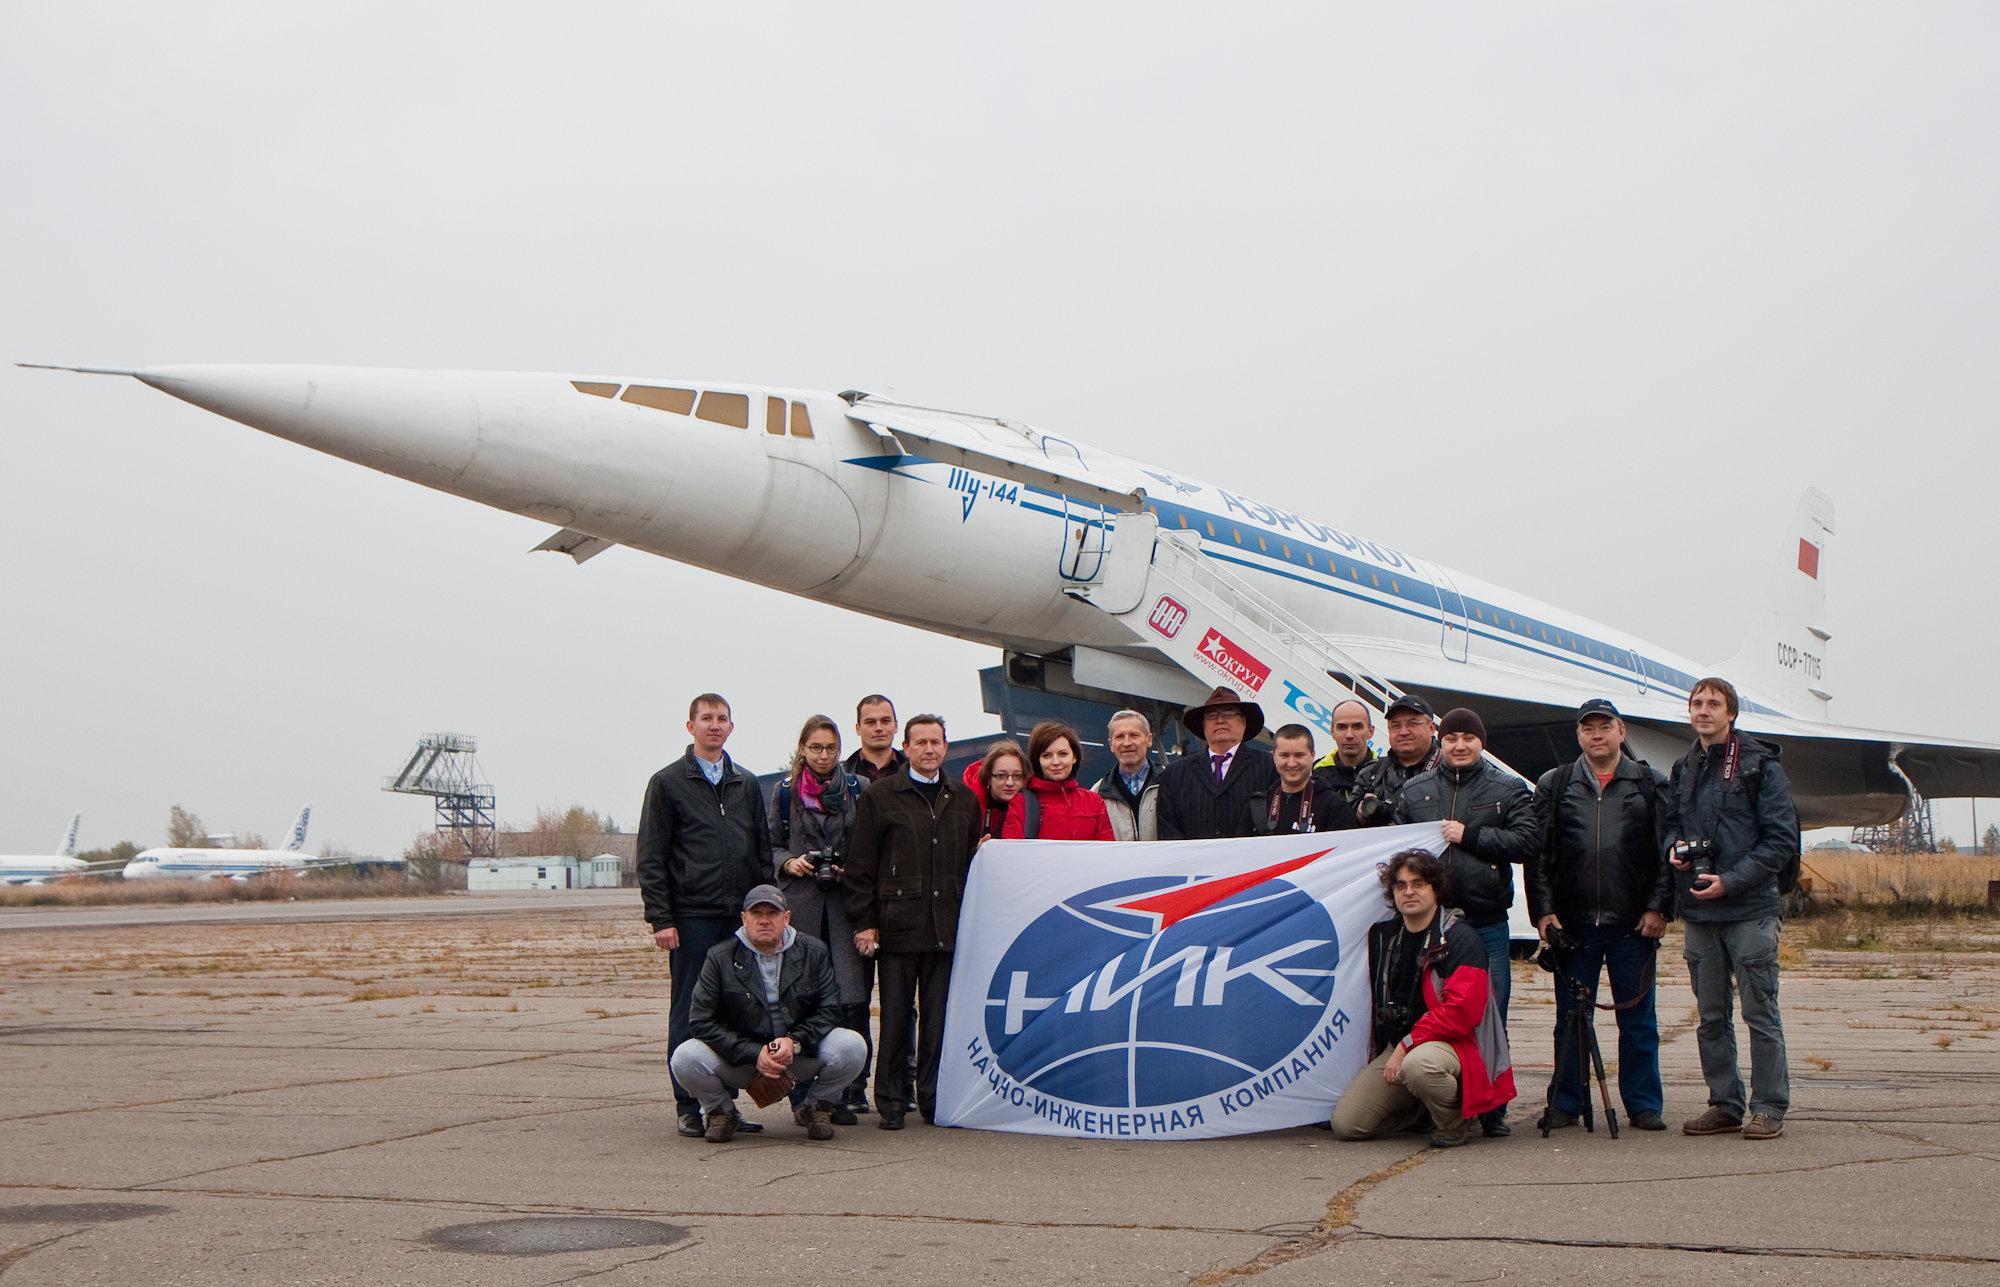 Le Tu-144 restauré